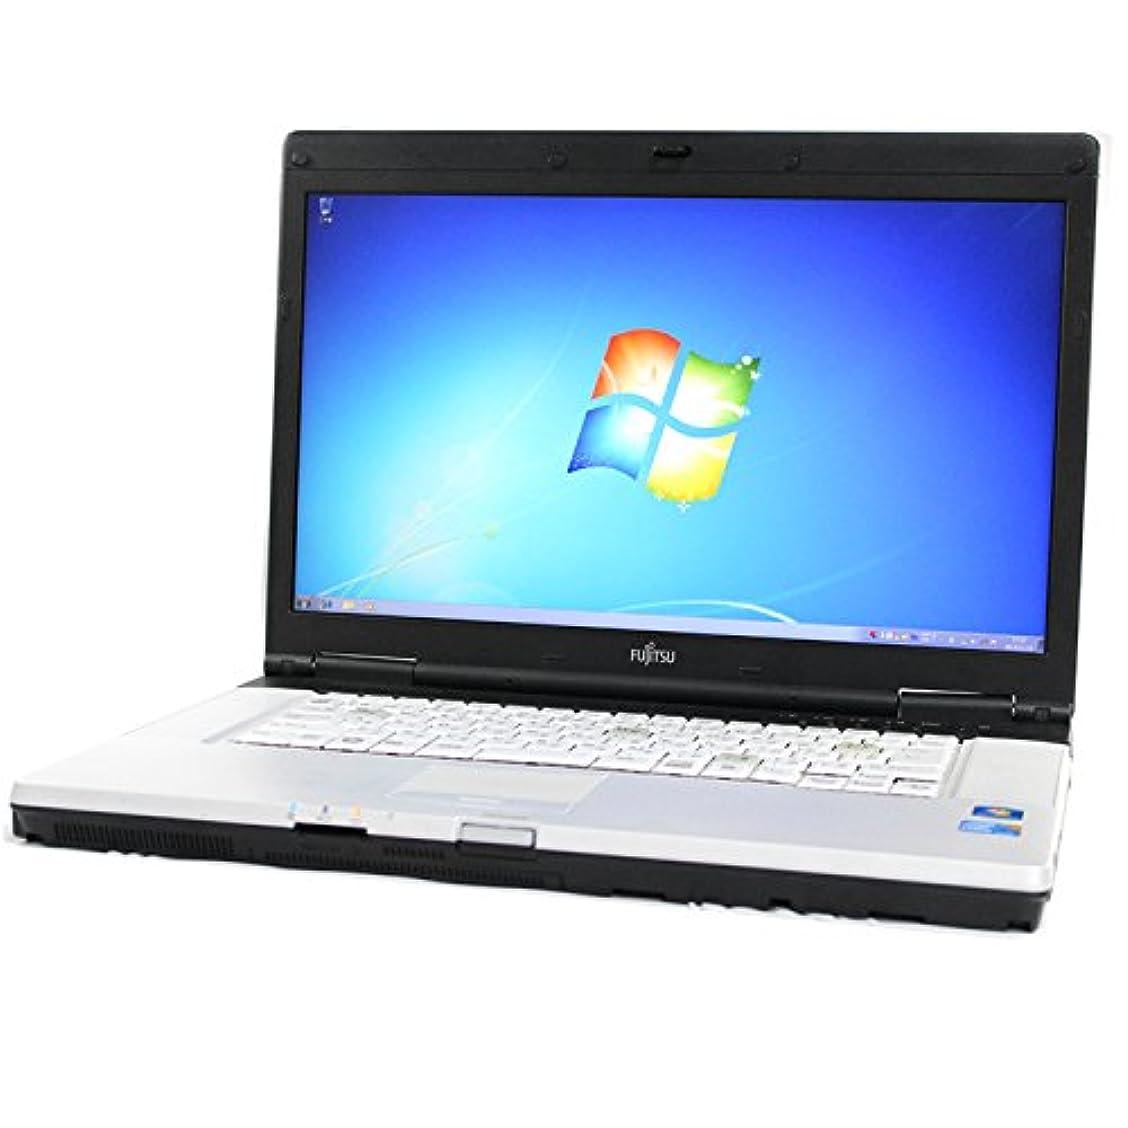 大きい通知するオフFUJITSU 富士通 LIFEBOOK E780/A FMVNE2TE Core i5 4GB 160GB 無線LAN 15.6型液晶 Windows7 Professional 中古 中古パソコン ノートパソコン